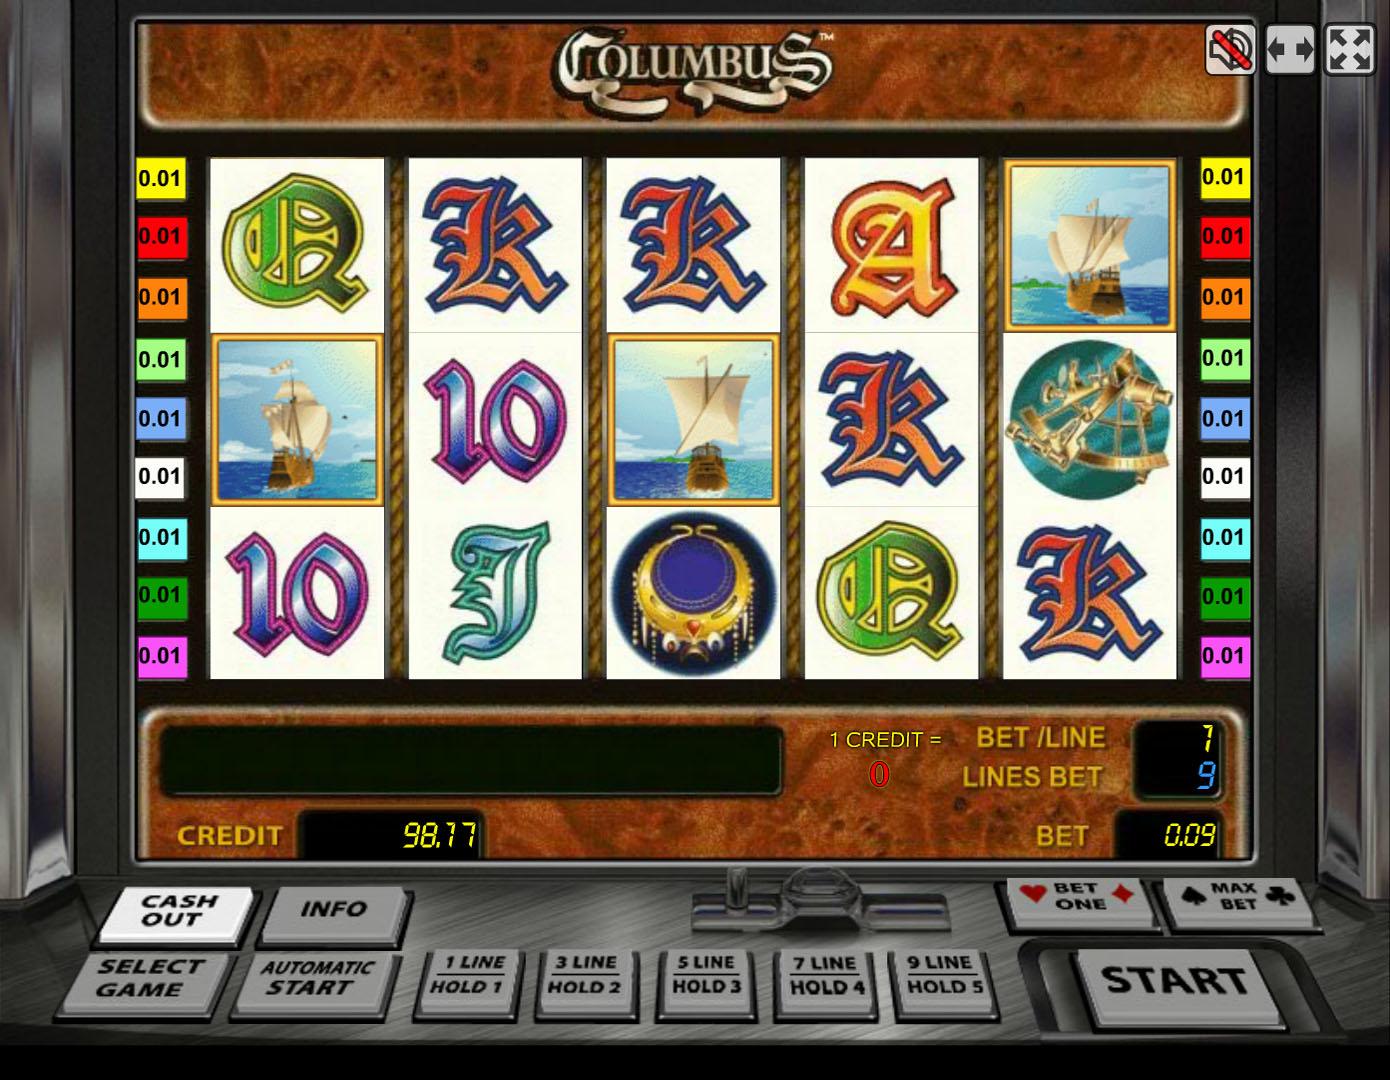 колумбус игровые автоматы официальный сайт